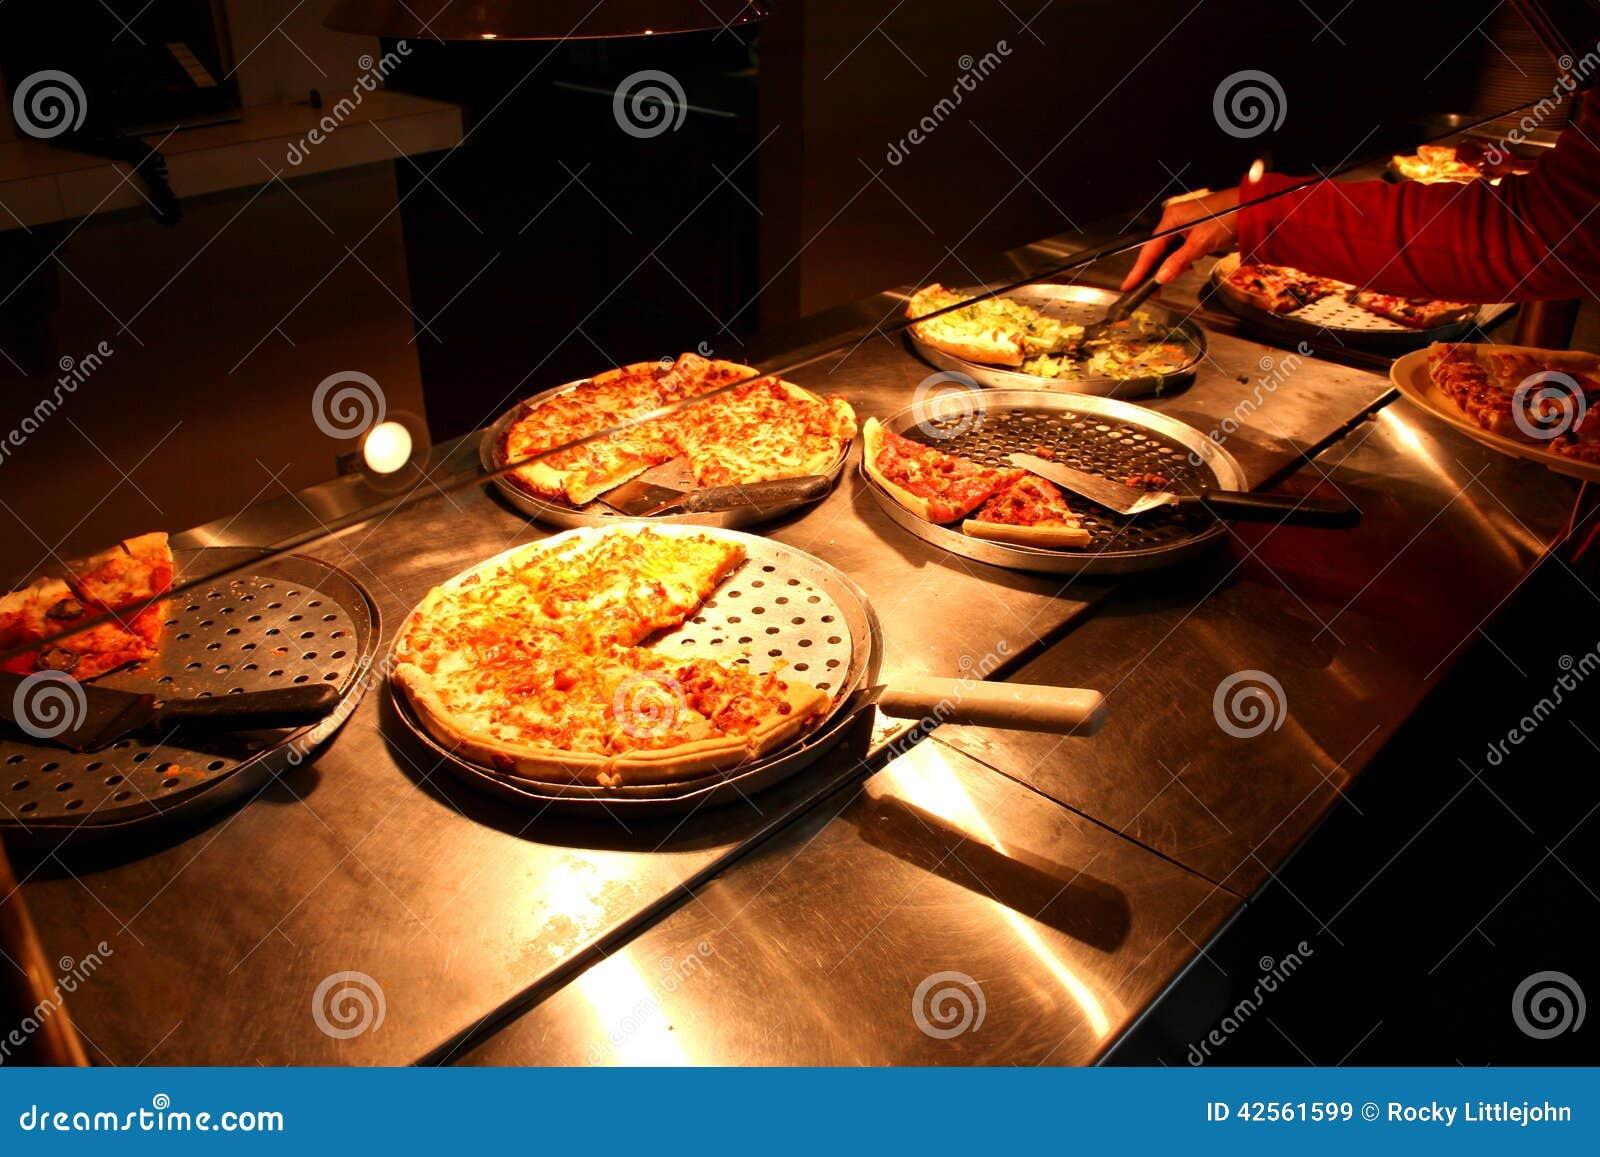 Pizza Buffet 3 Stock Photo Image 42561599